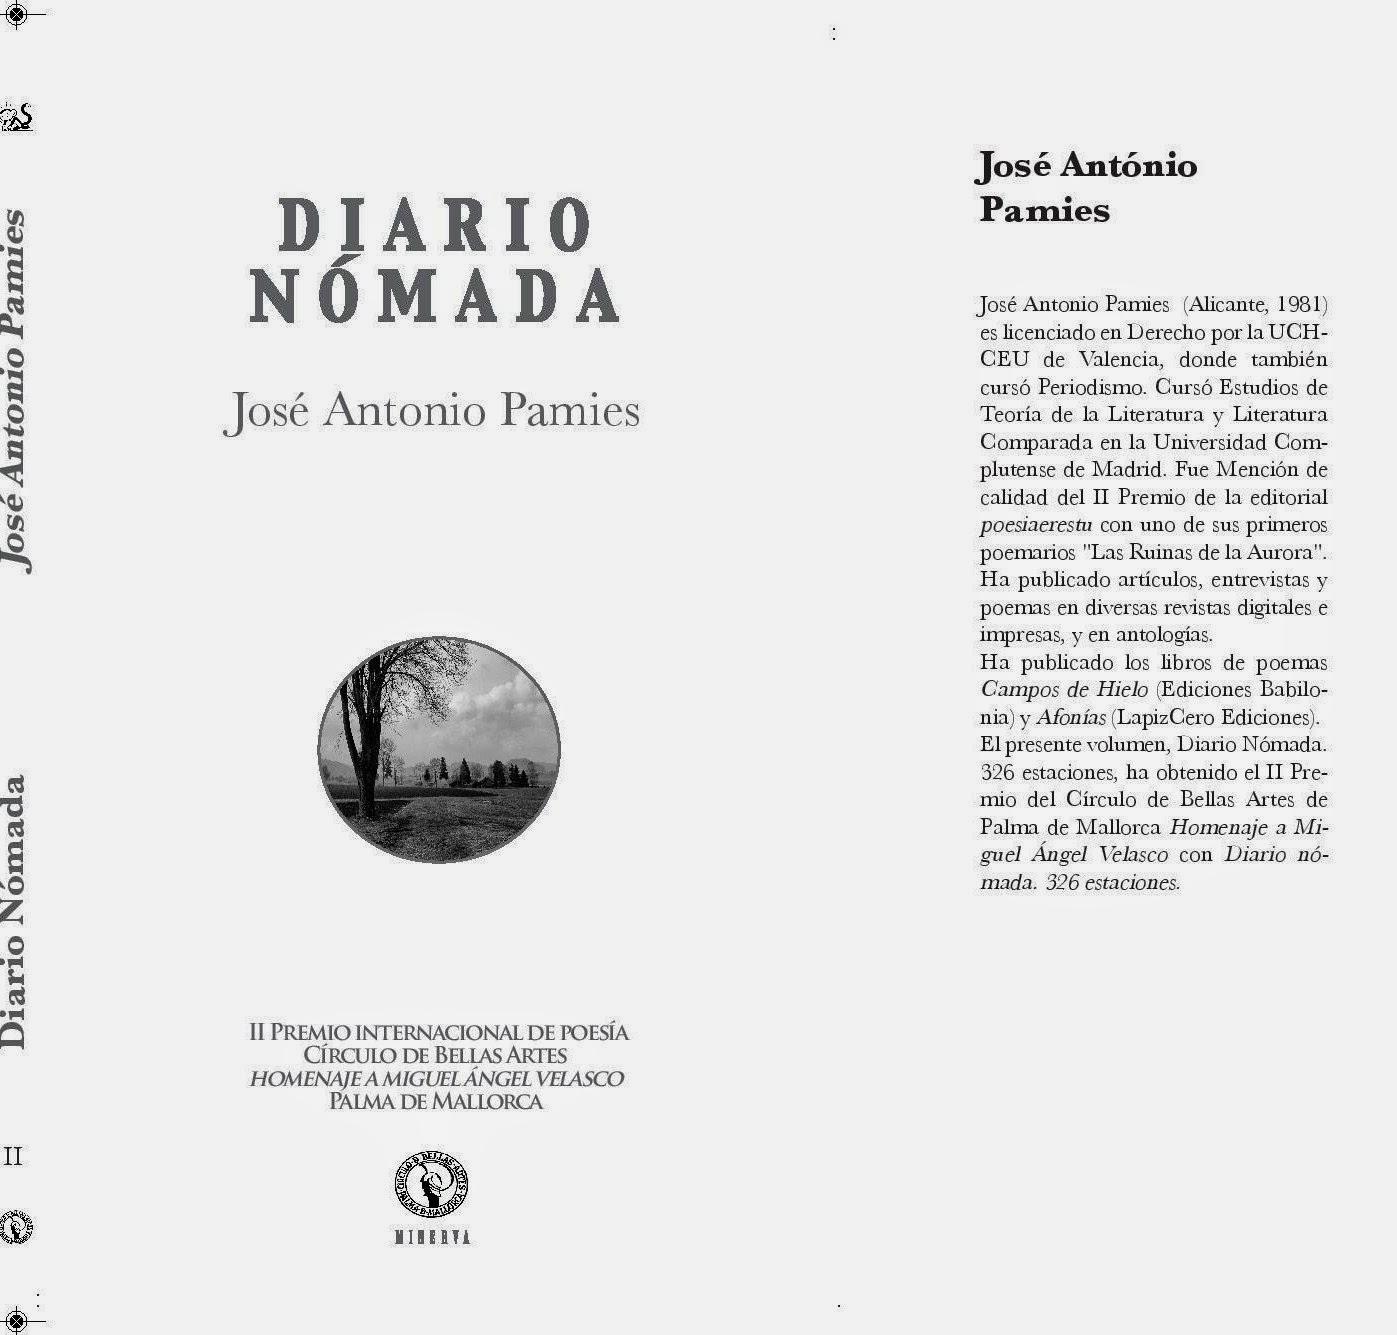 Diario Nómada